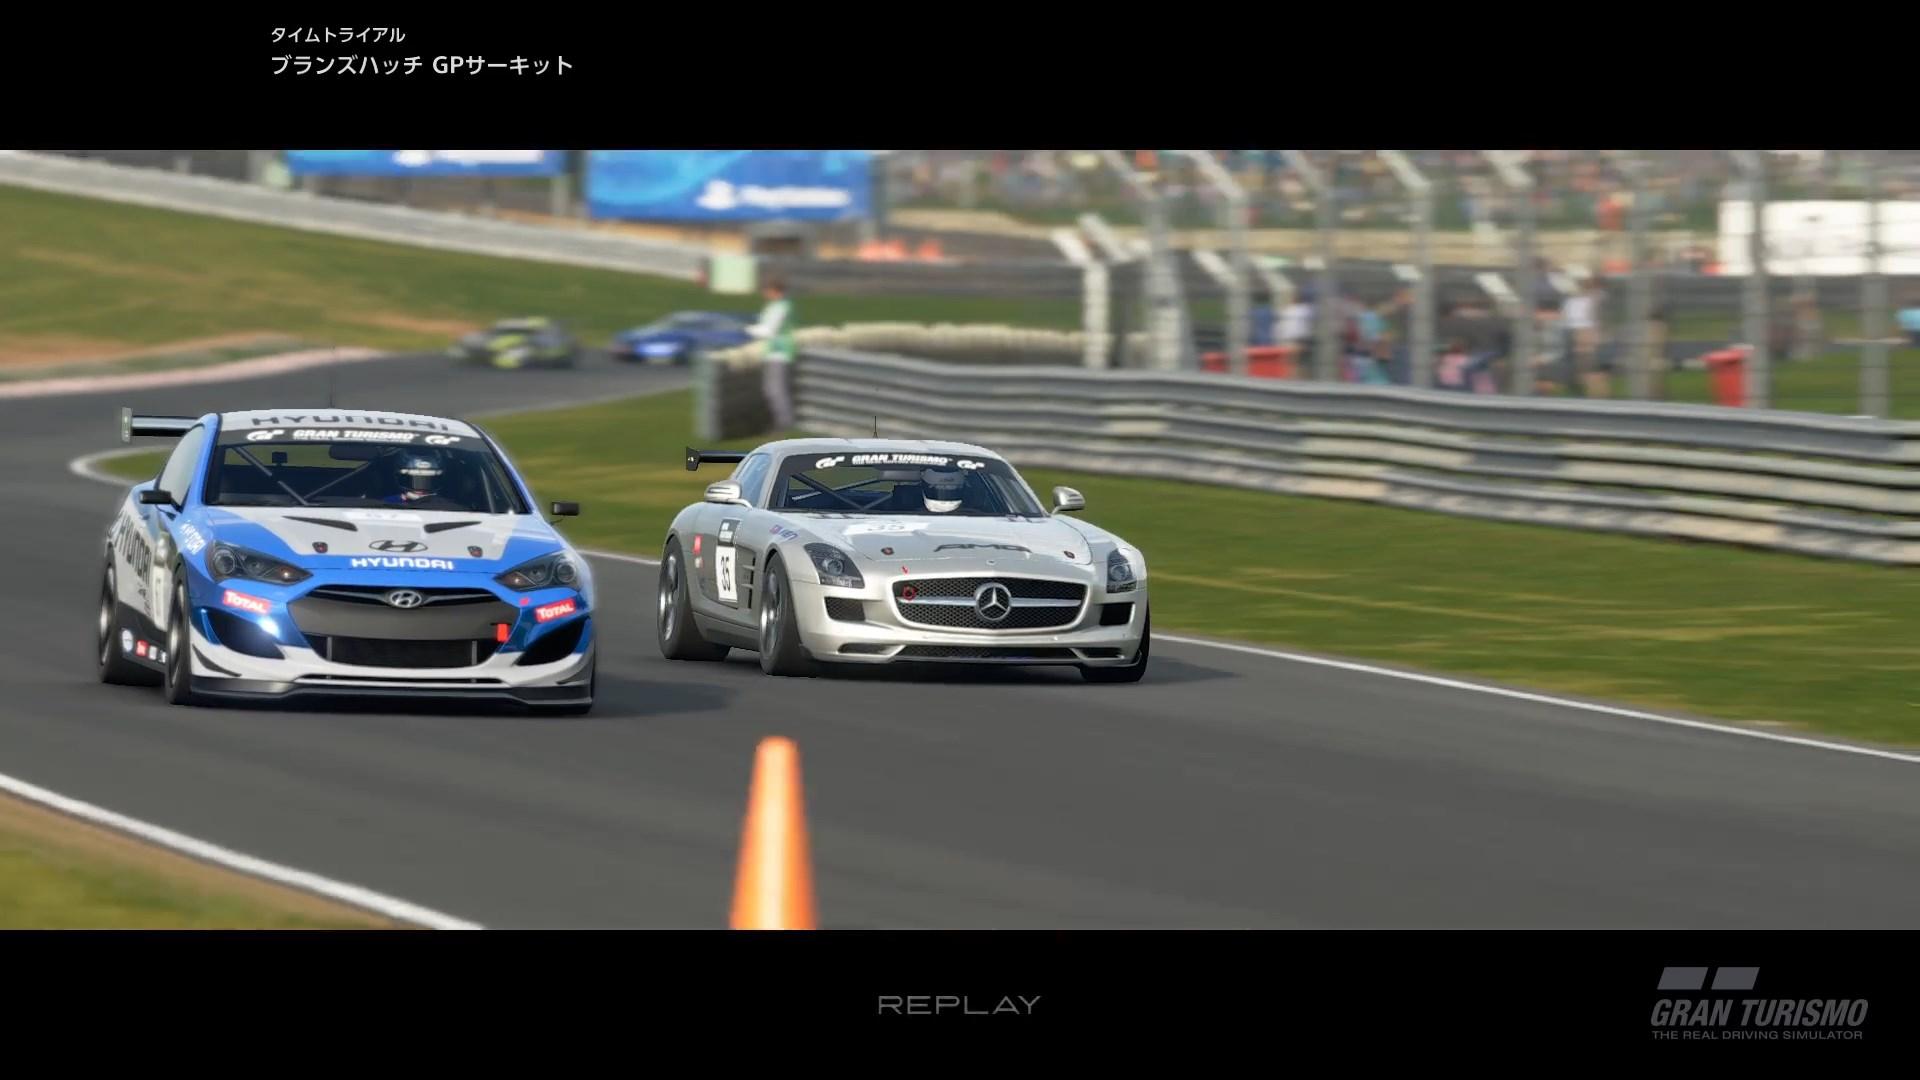 PS4のレースシミュレーション決定版となるべく開発された「GT SPORT」。その作りは職人的な丁寧さに満ちている